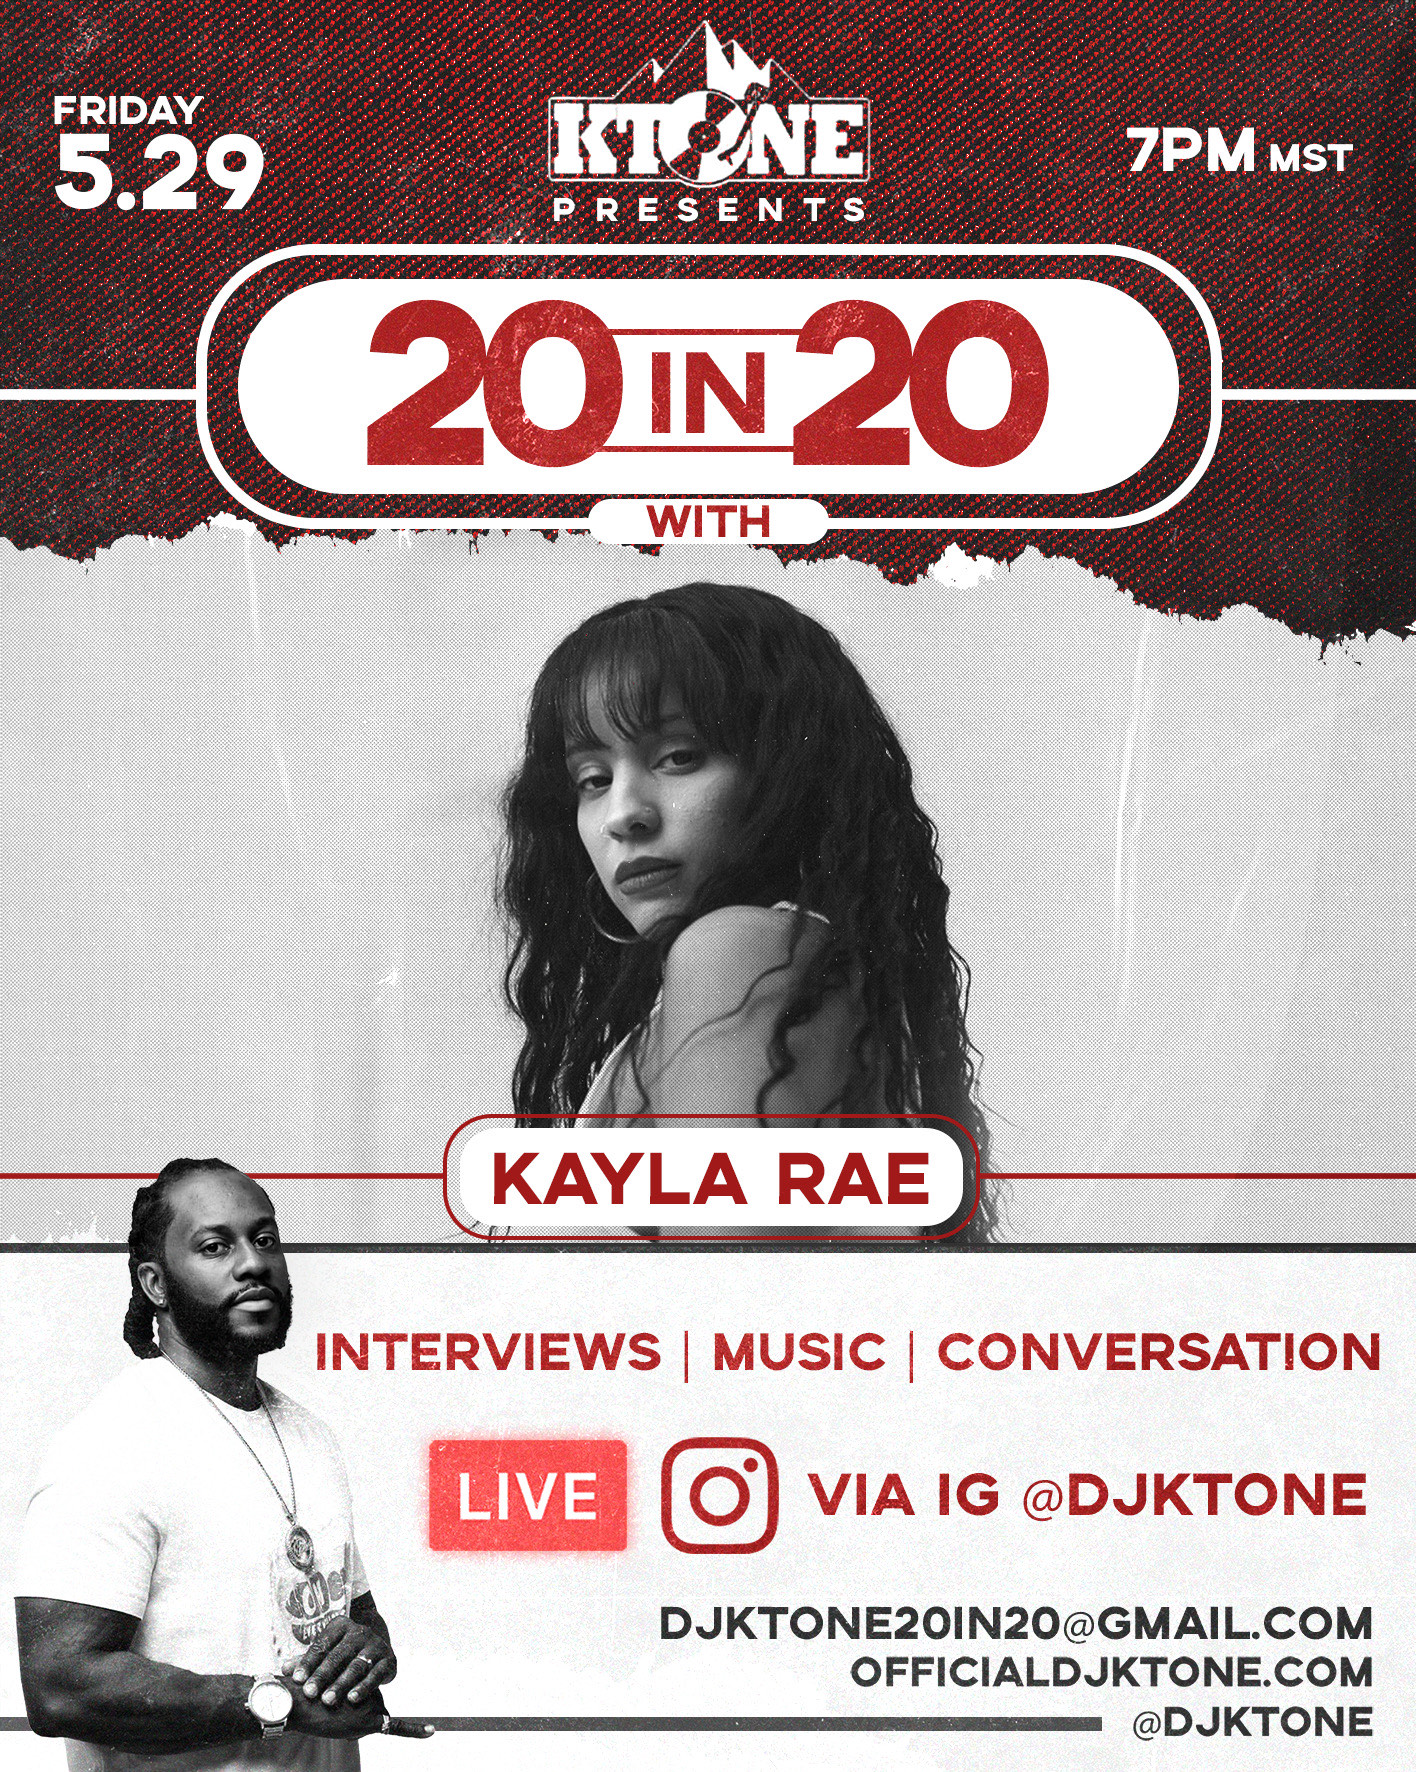 DJ Ktone 20 in 20 with Kayla Rae